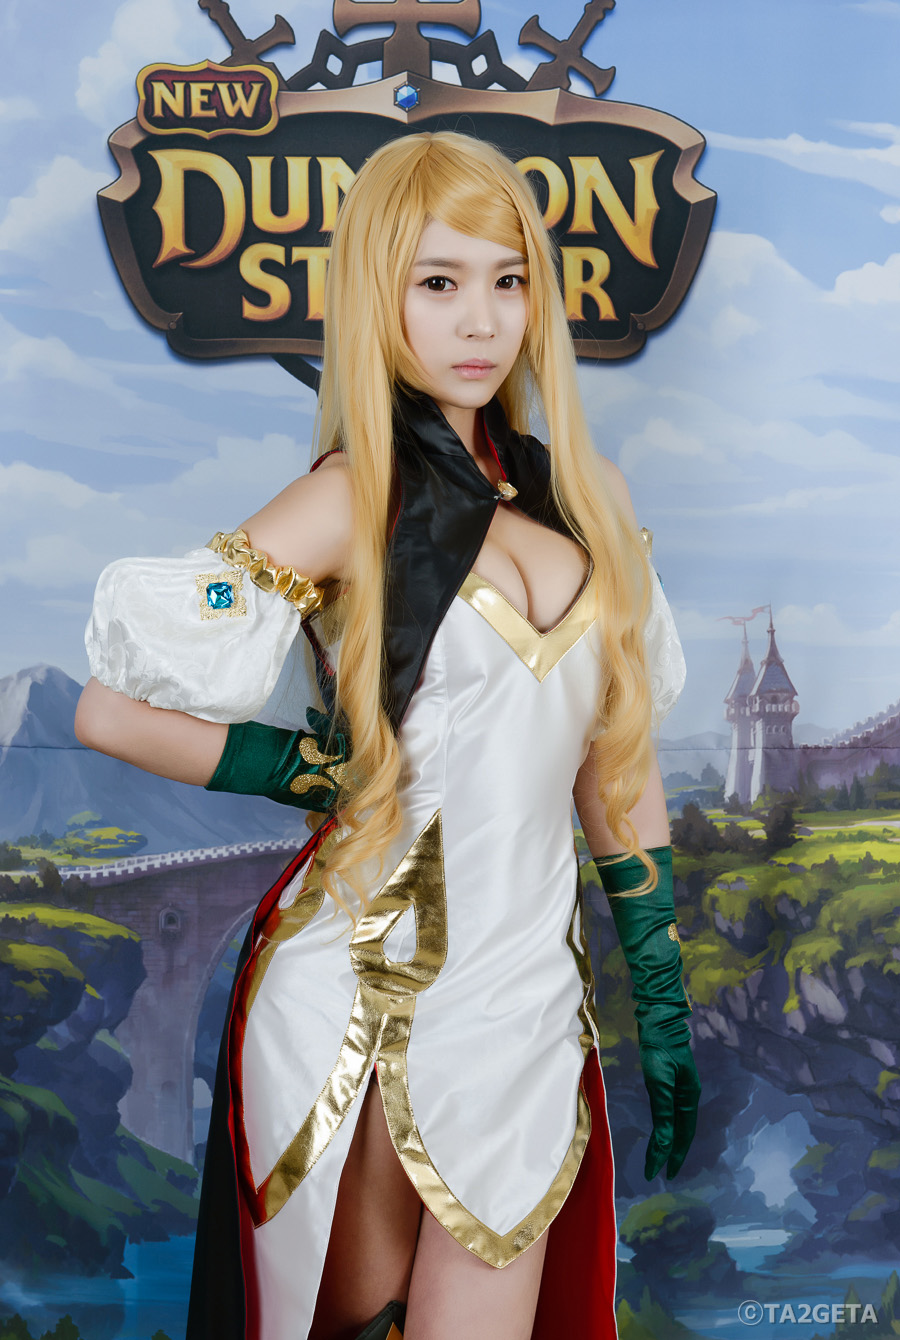 Chảy máu mũi với cosplay New Dungeon Striker - Ảnh 6